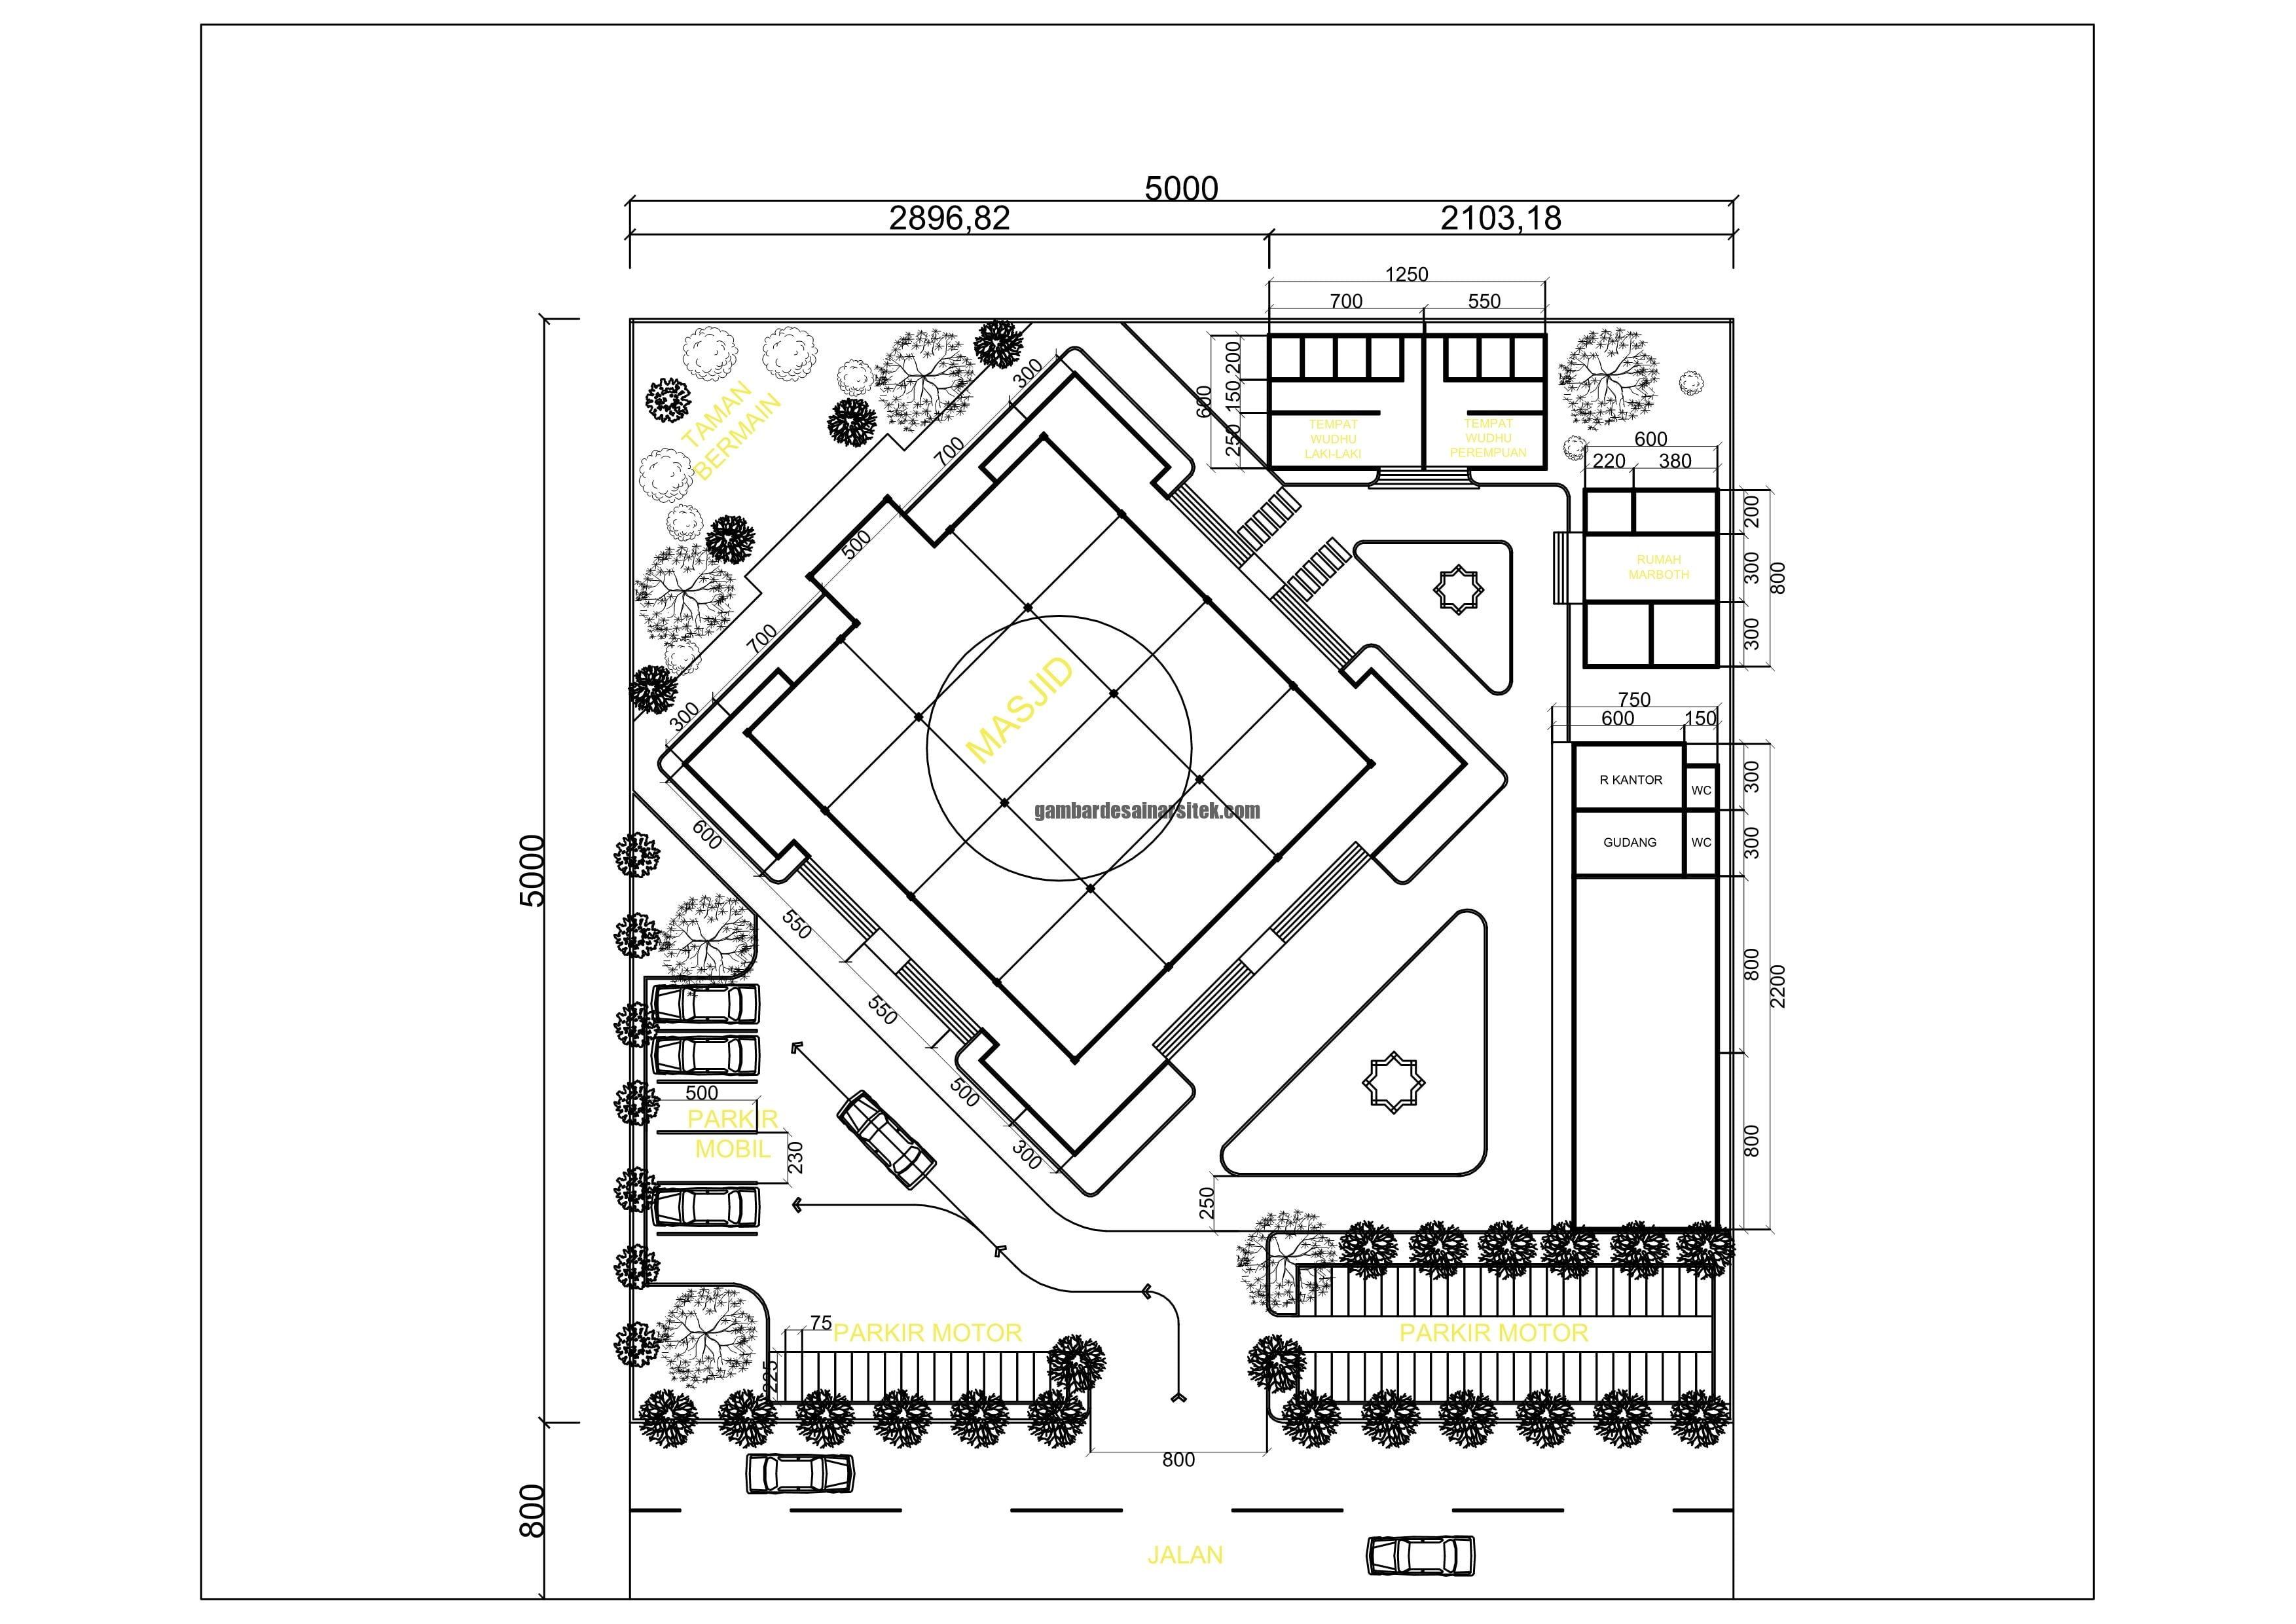 Desain Siteplan Masjid Penyesuaian Gambar Rencana dan Situasi Lokasi 4